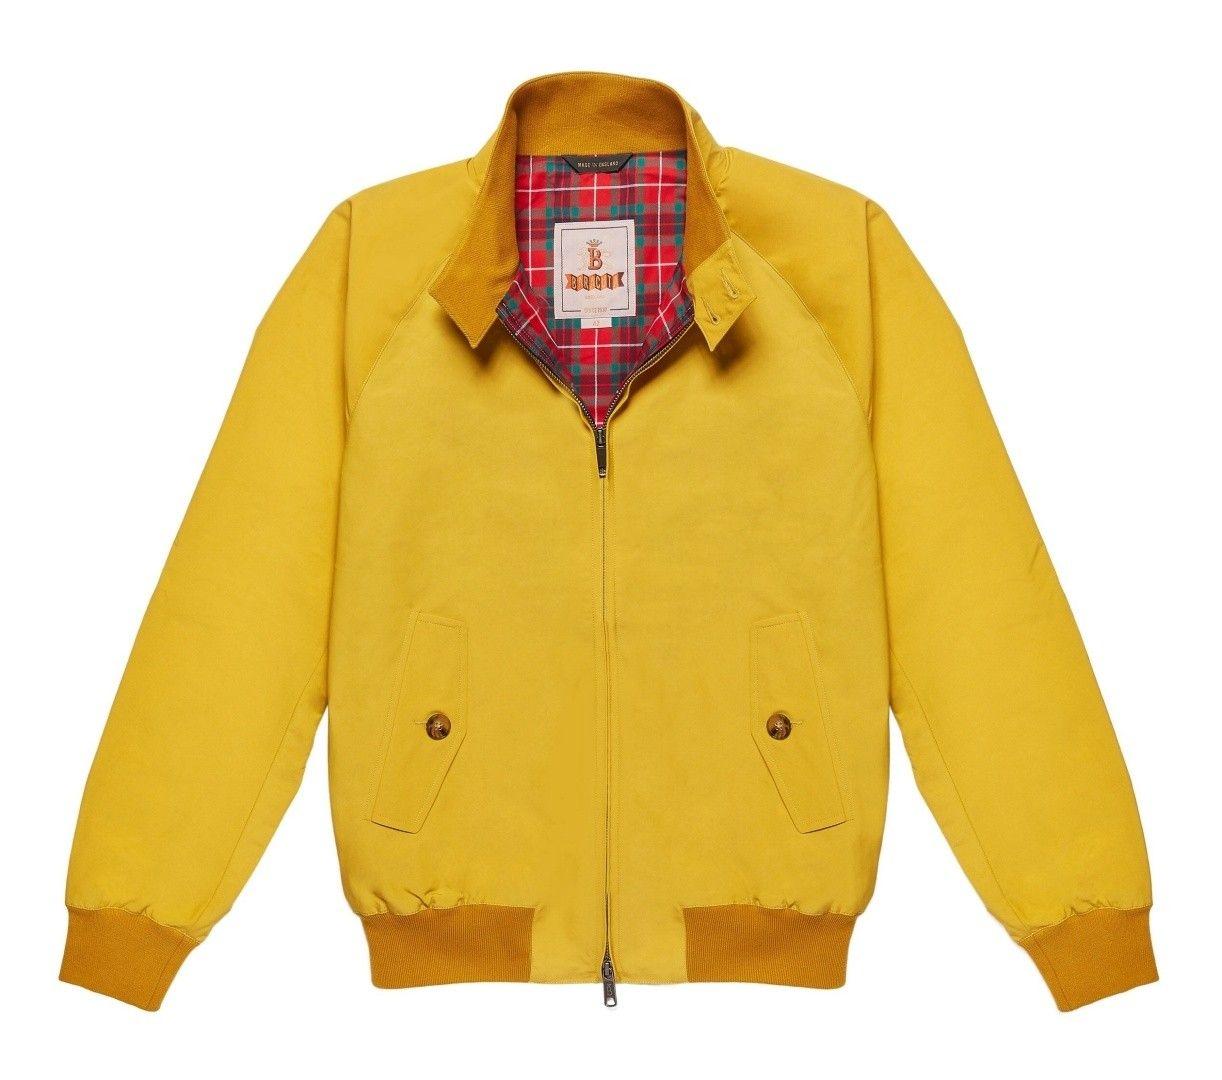 BARACUTA - Herren Jacke - G9 Modern Classic Blouson - Empire Yellow